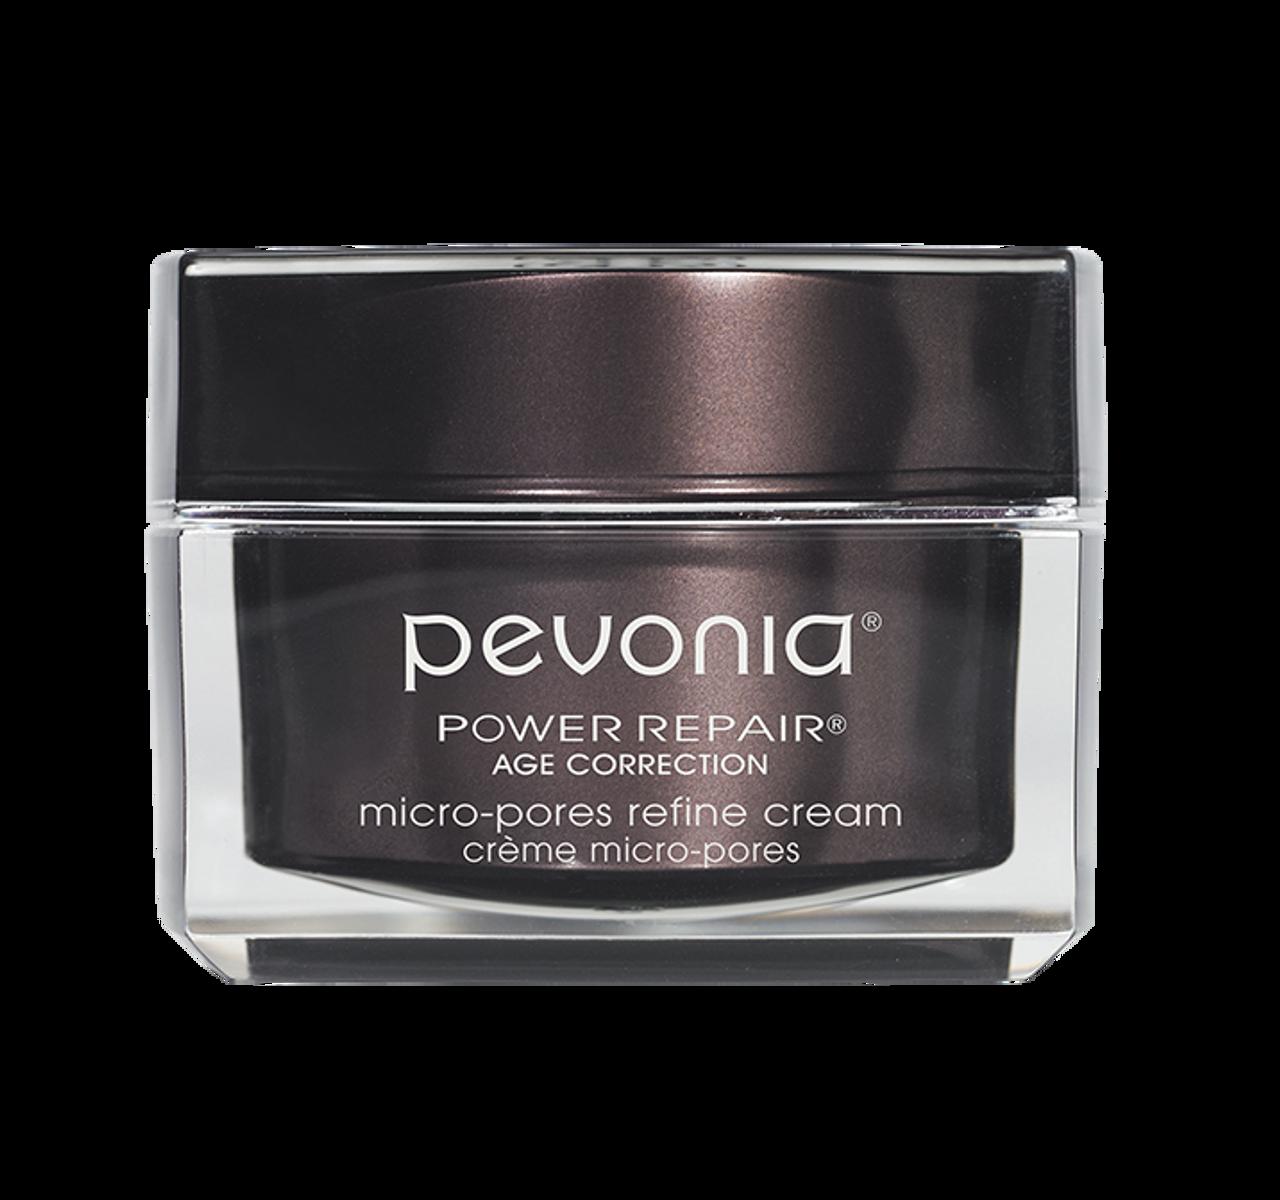 Pevonia Power Repair Micro Pores Refine Cream